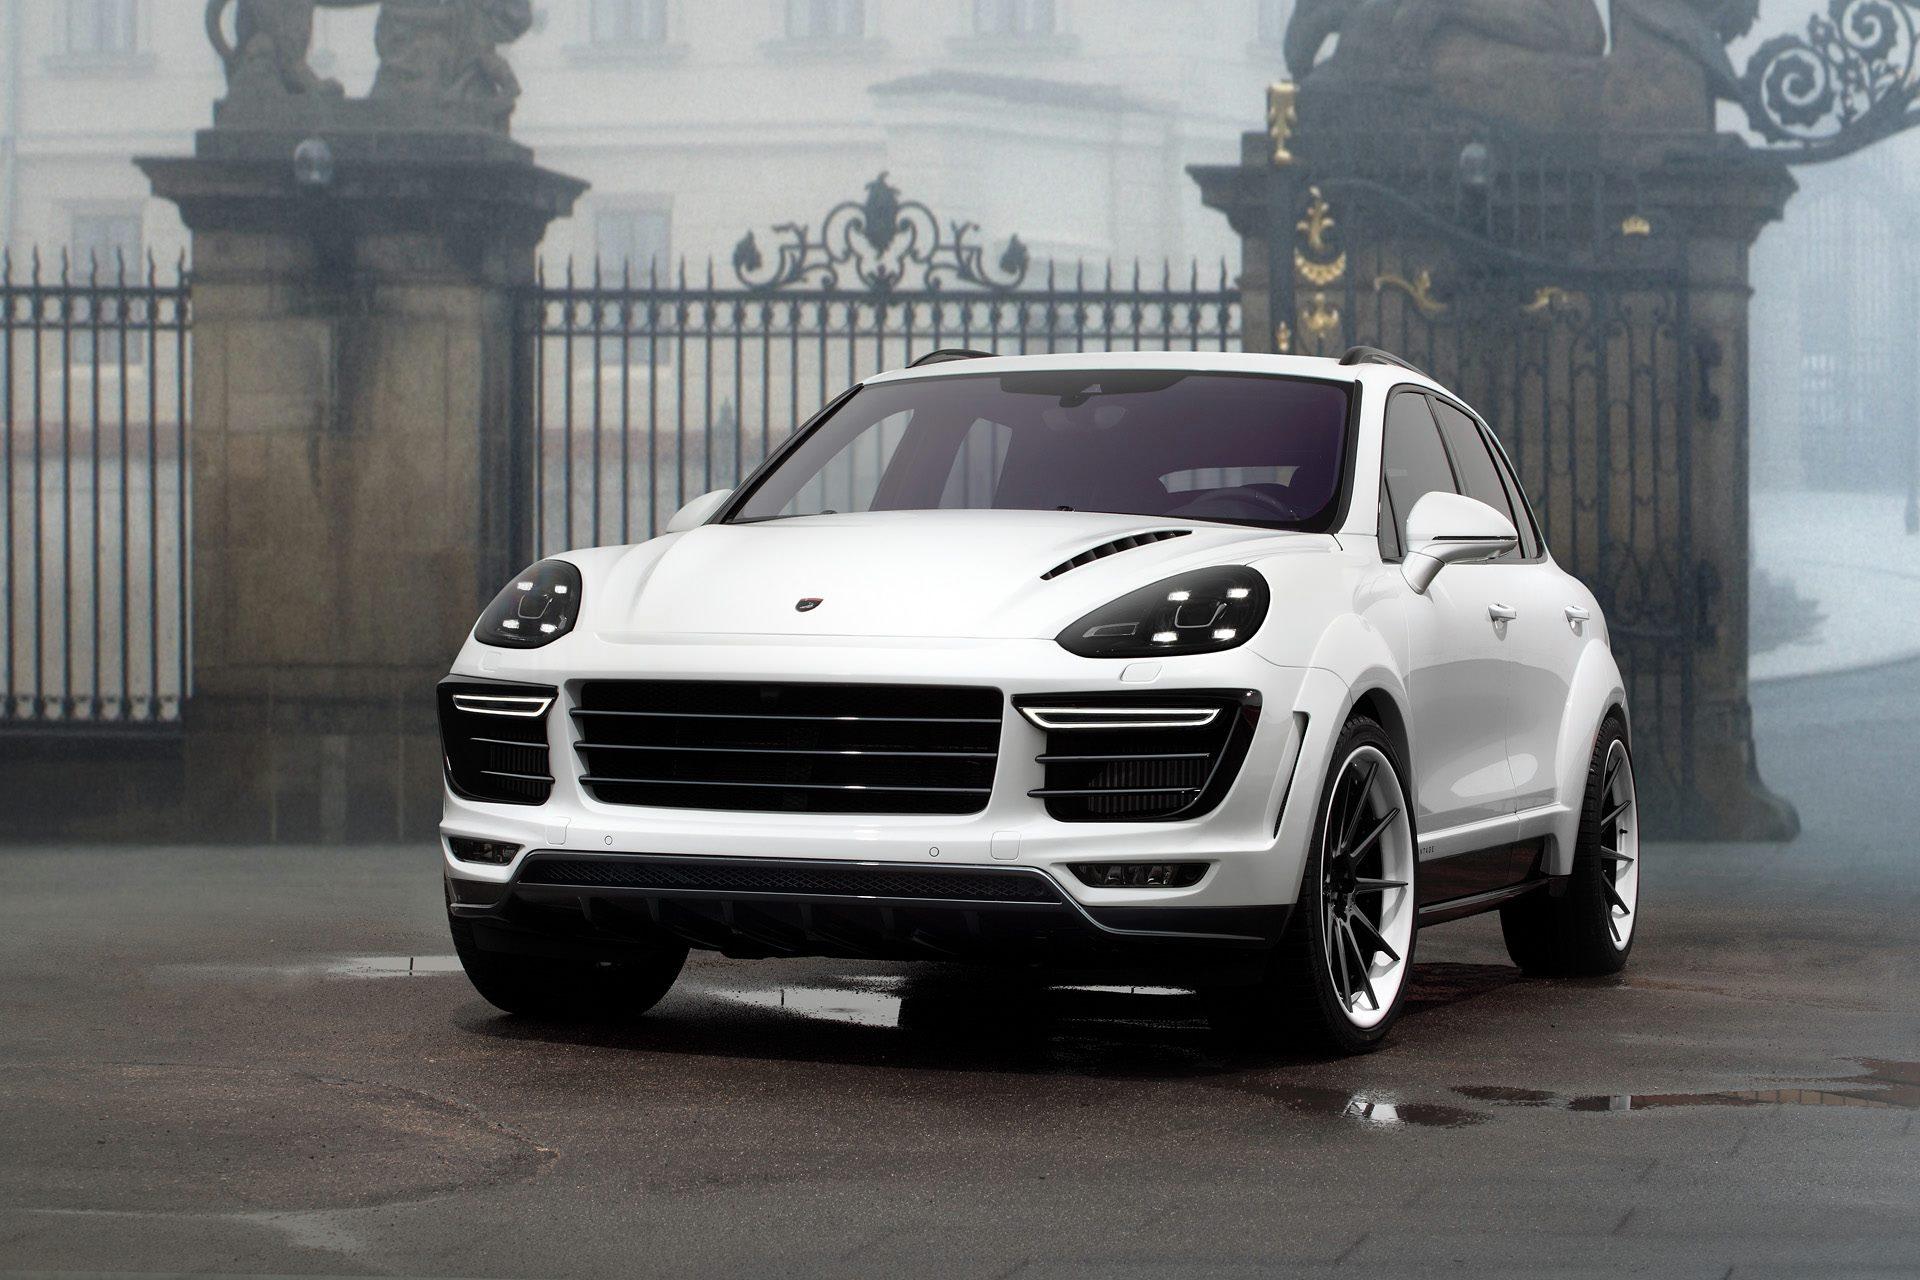 White Porsche Cayenne Vantage by TopCar Is Not an Aston ...